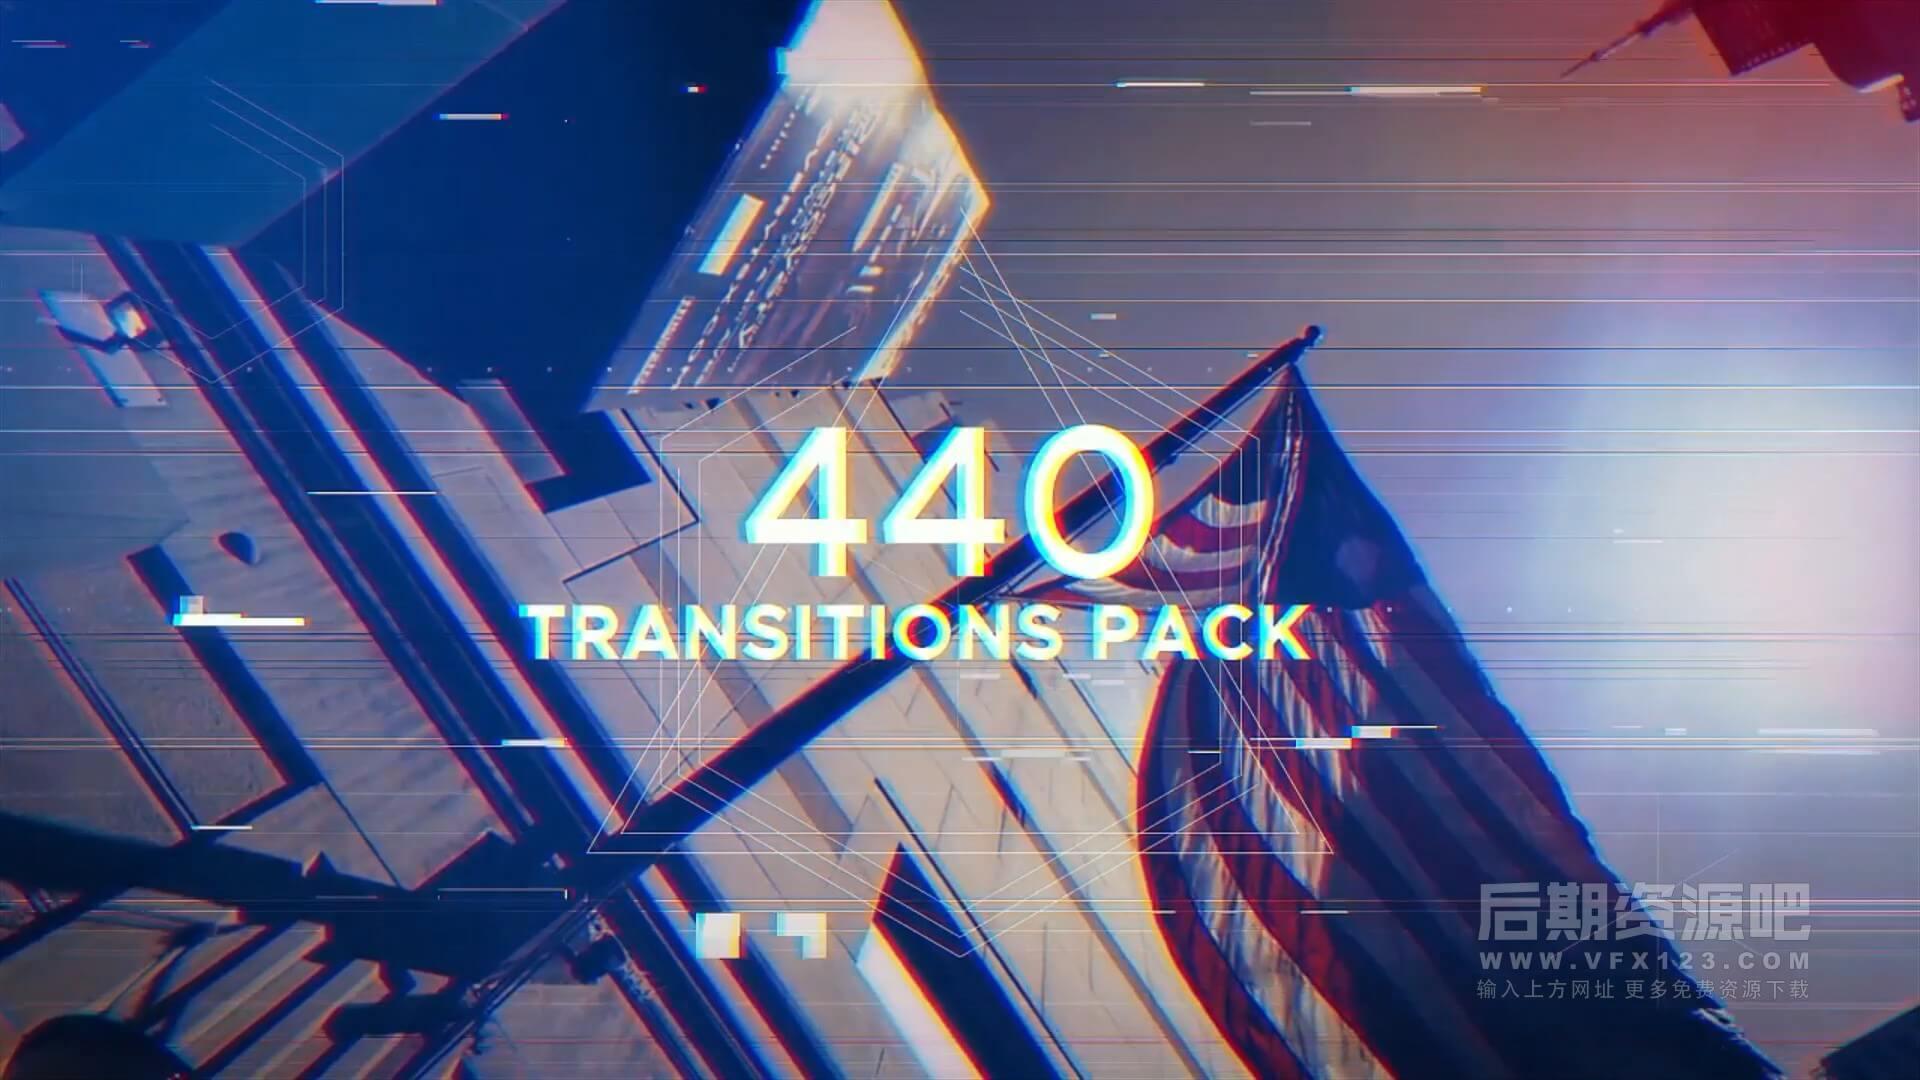 AE模板 440+现代清新流行过渡转场包 Transitions Pack